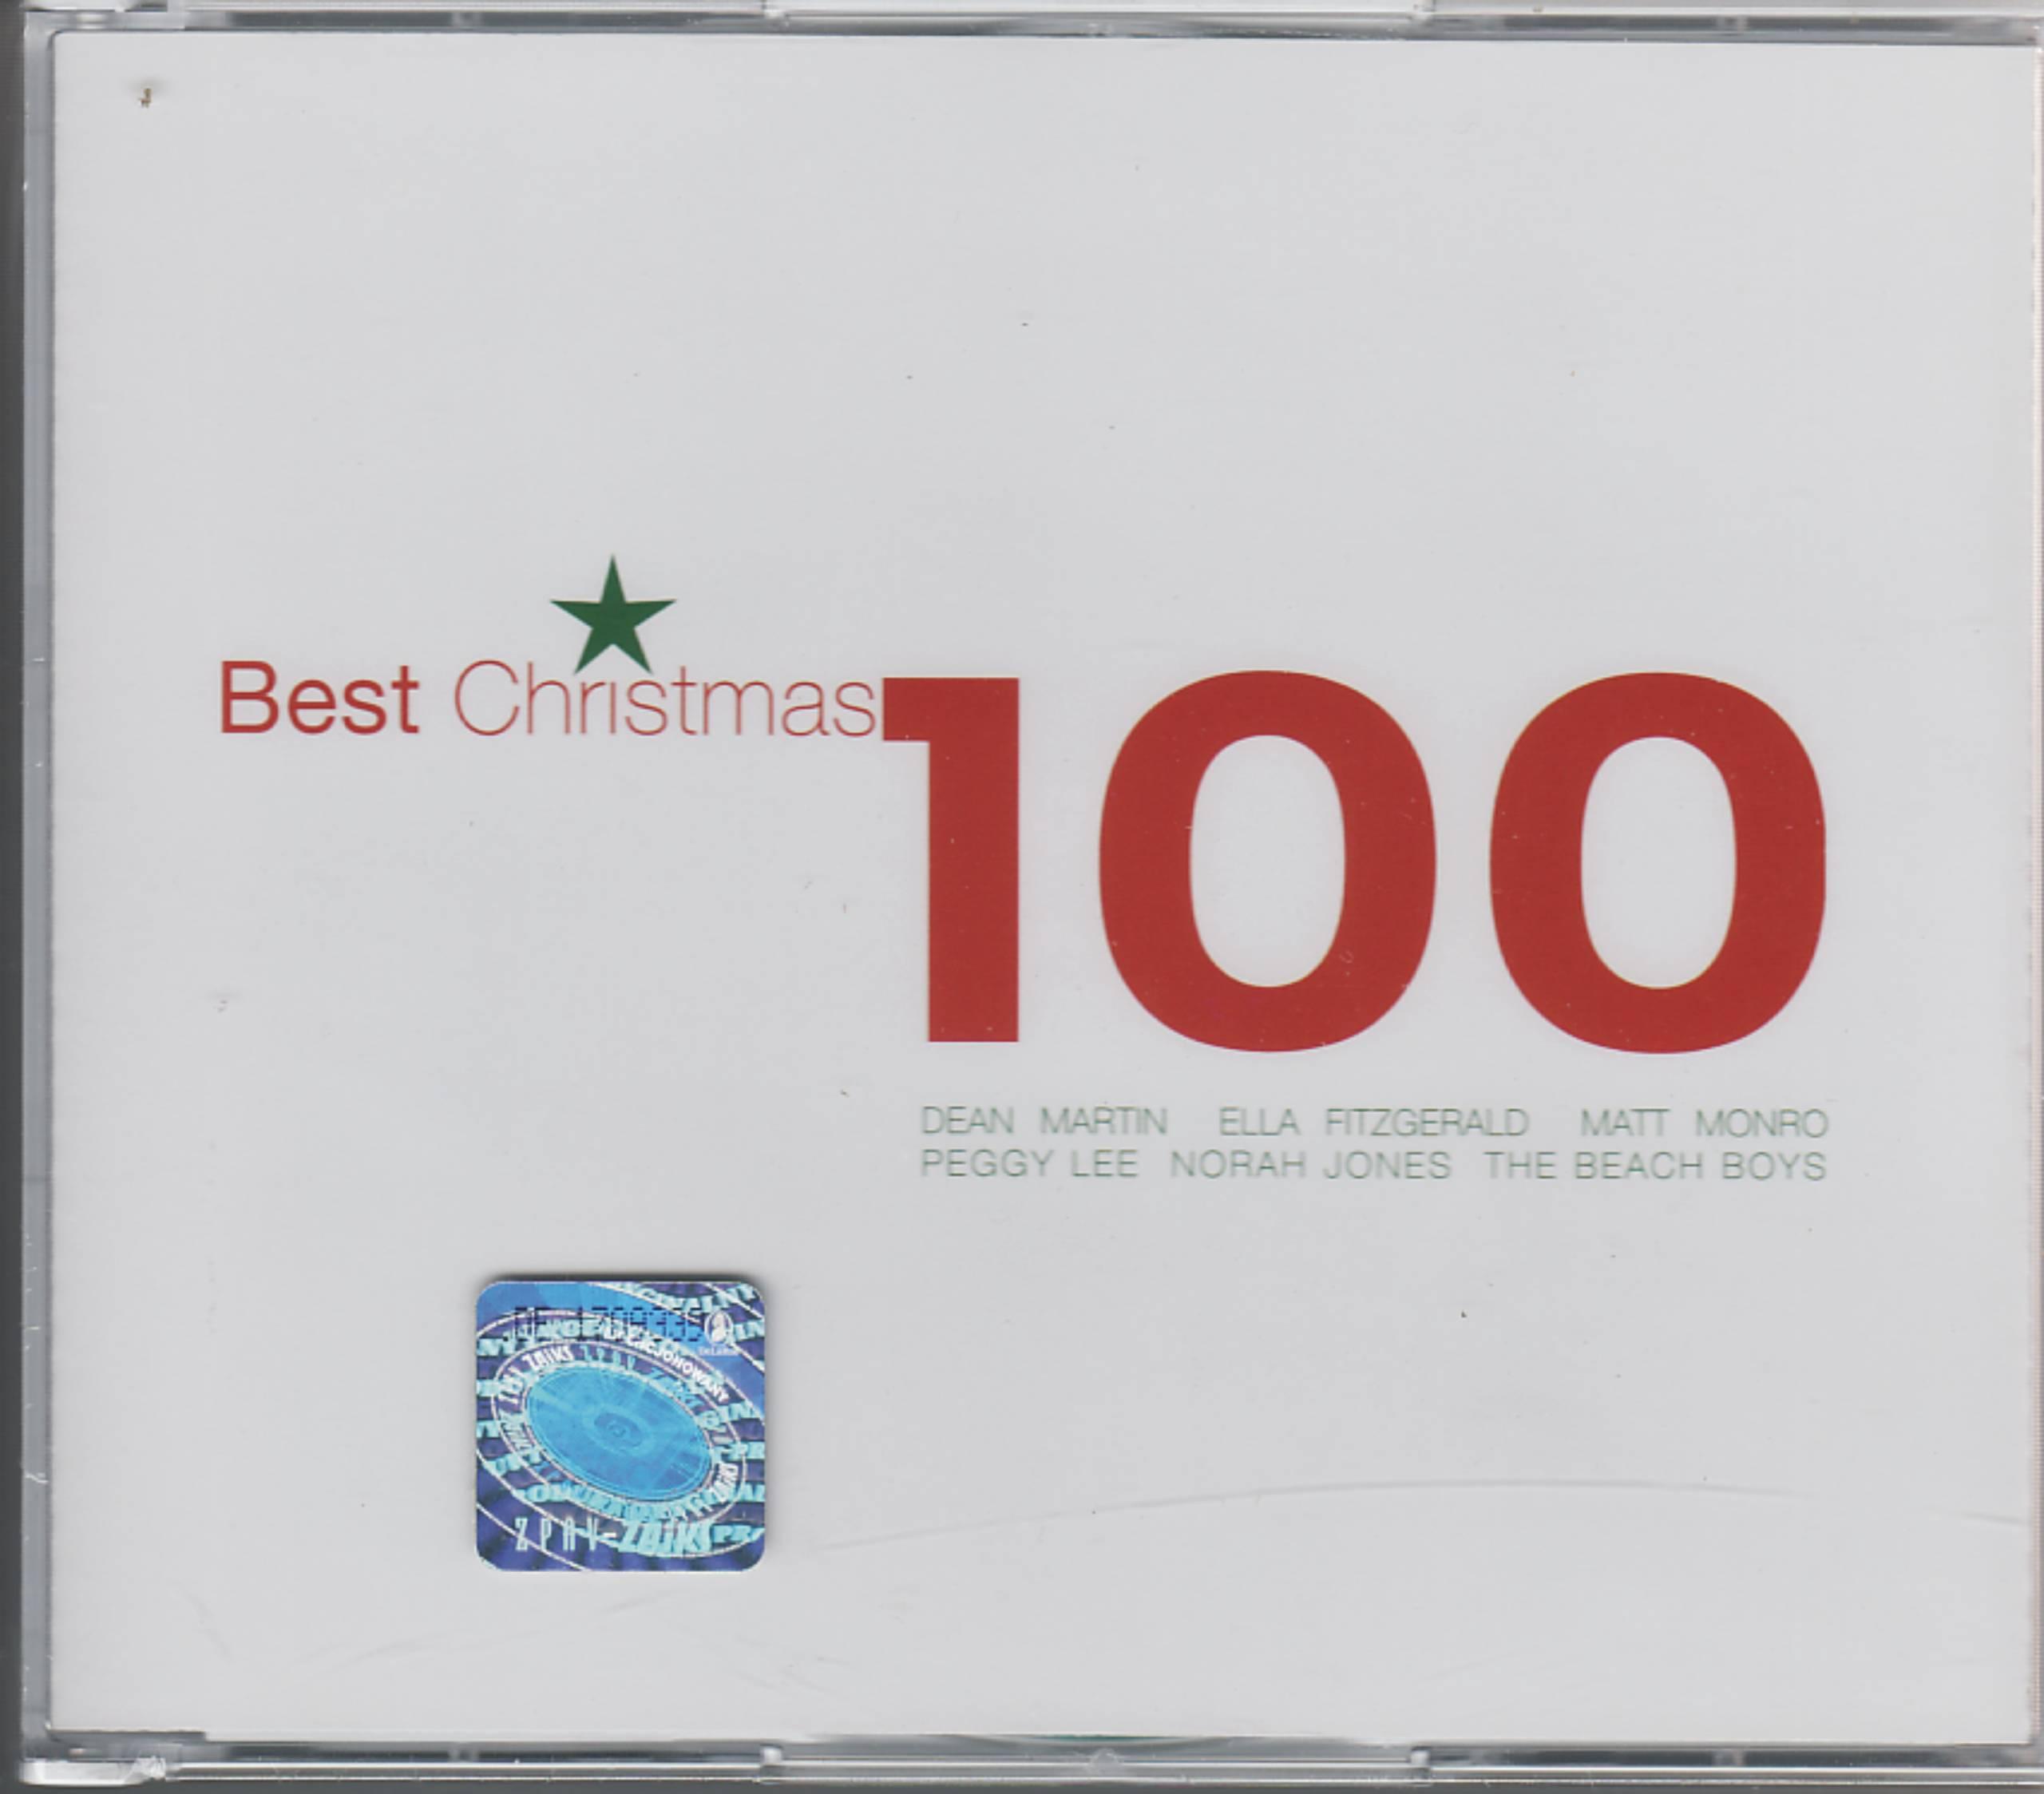 BEST 100 CHRISTMAS } Dean Martin Bing Crosby Ella - 5151315493 ...